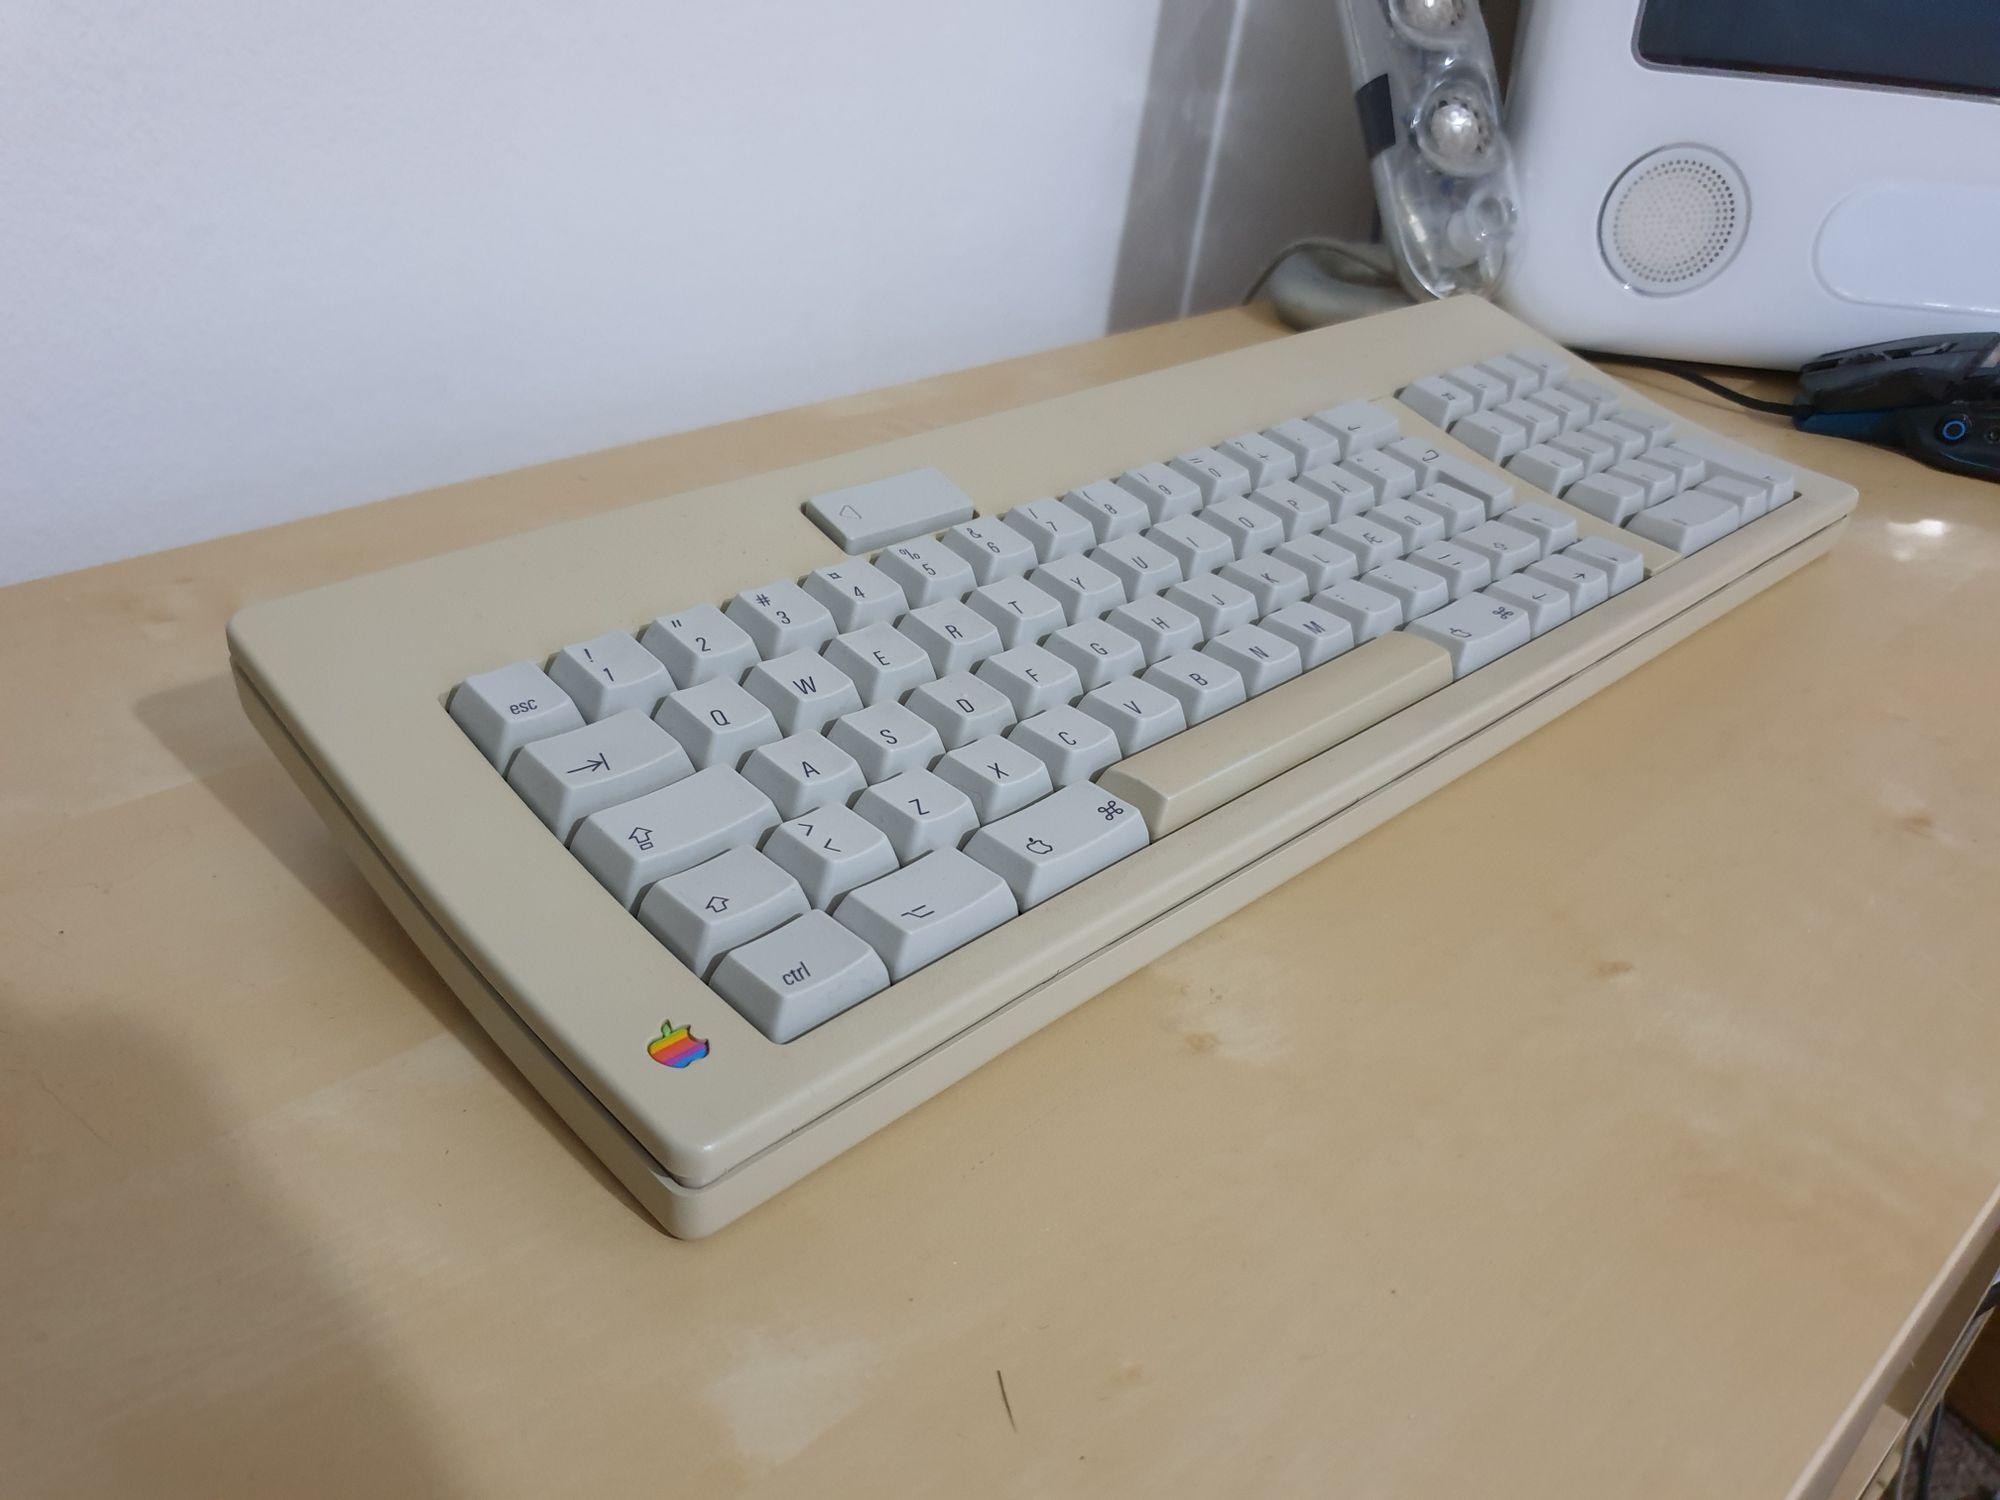 Apple Standard Keyboard (M0118)